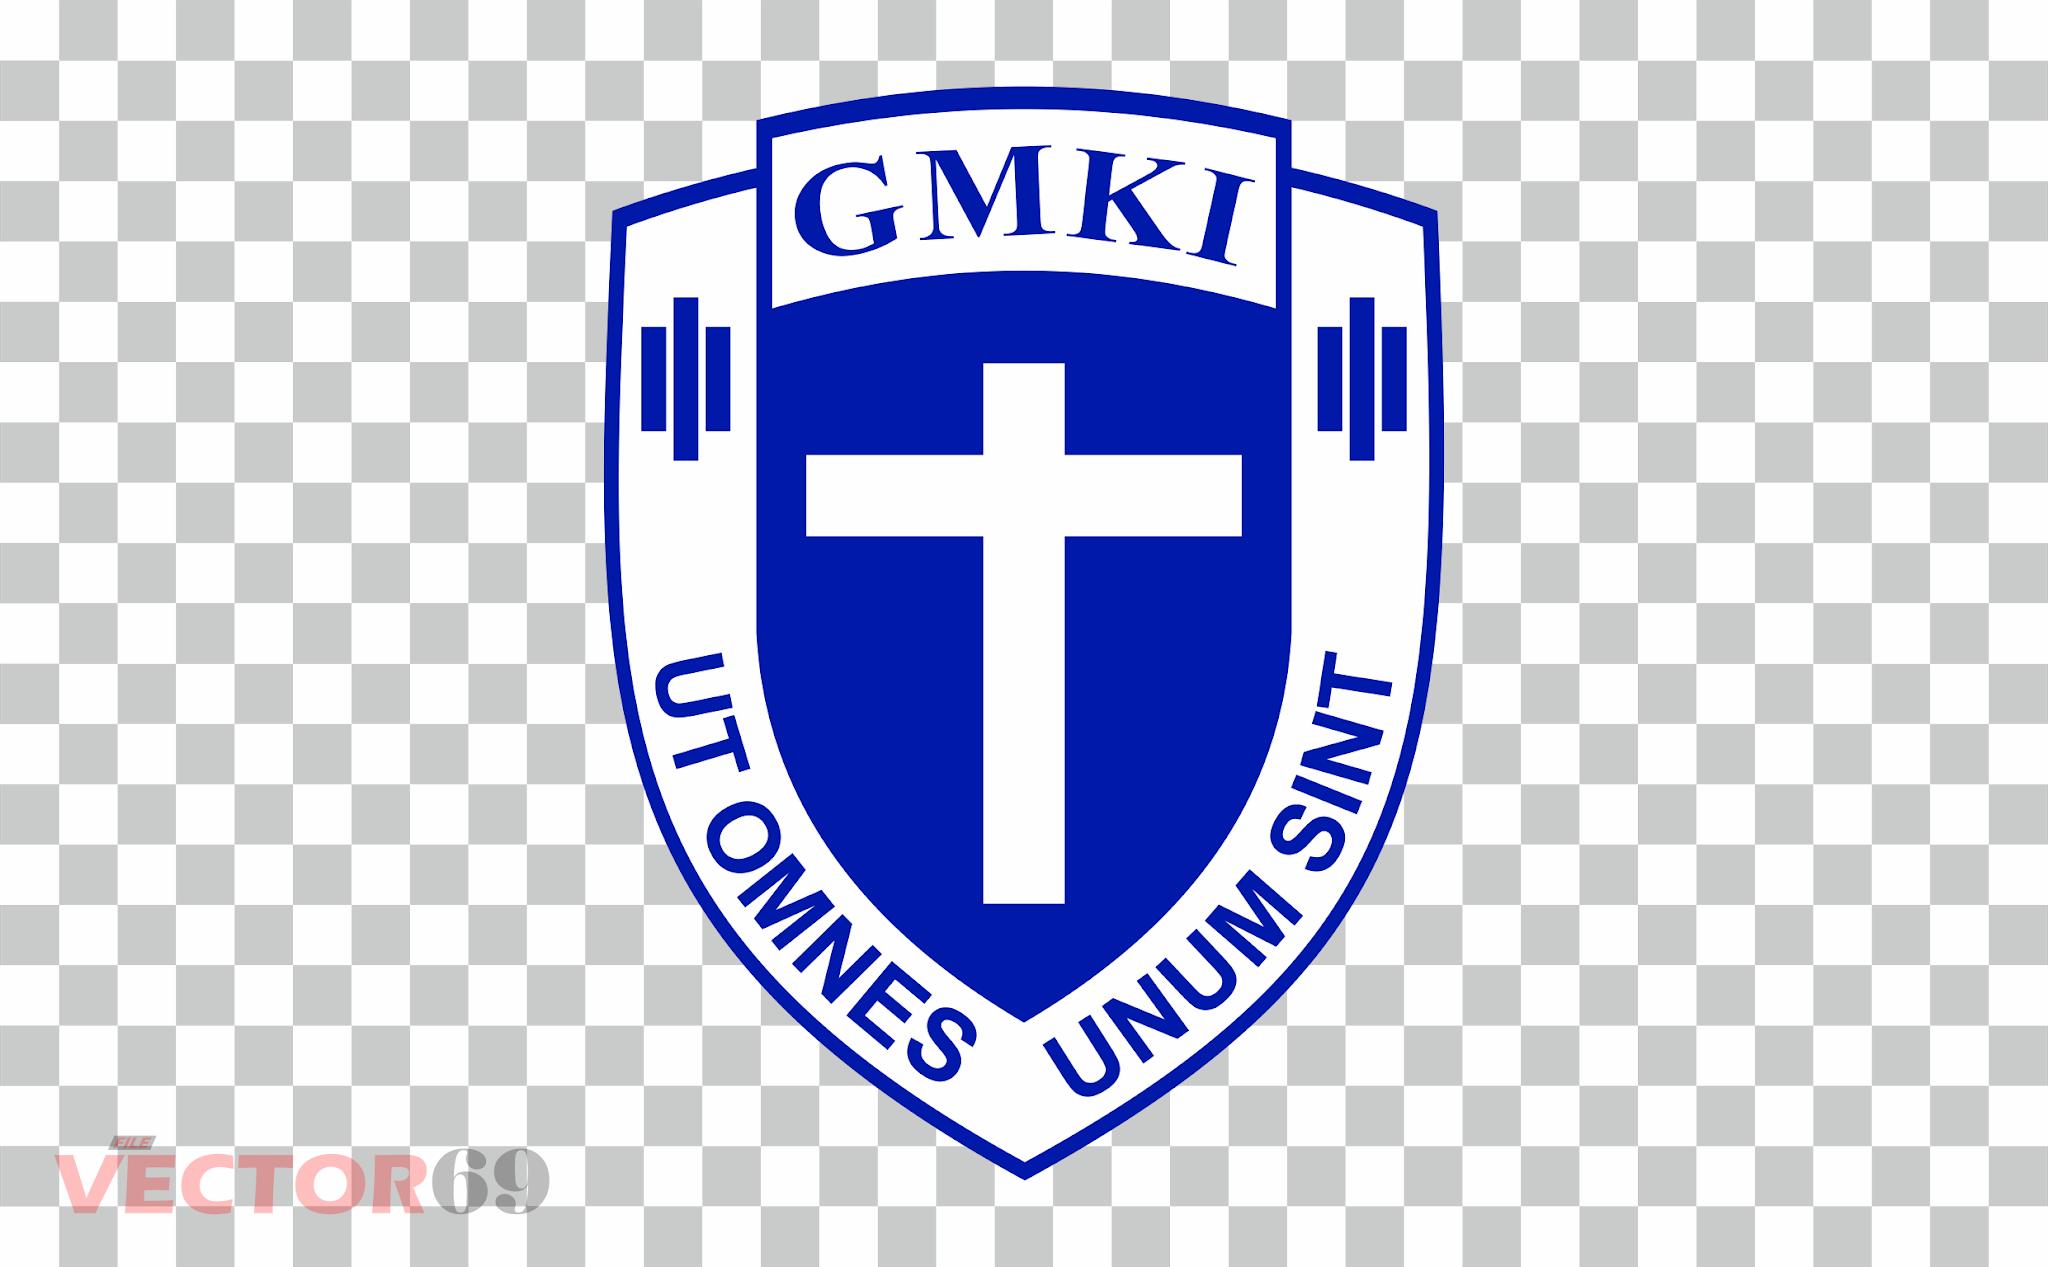 GMKI (Gerakan Mahasiswa Kristen Indonesia) Logo - Download Vector File PNG (Portable Network Graphics)